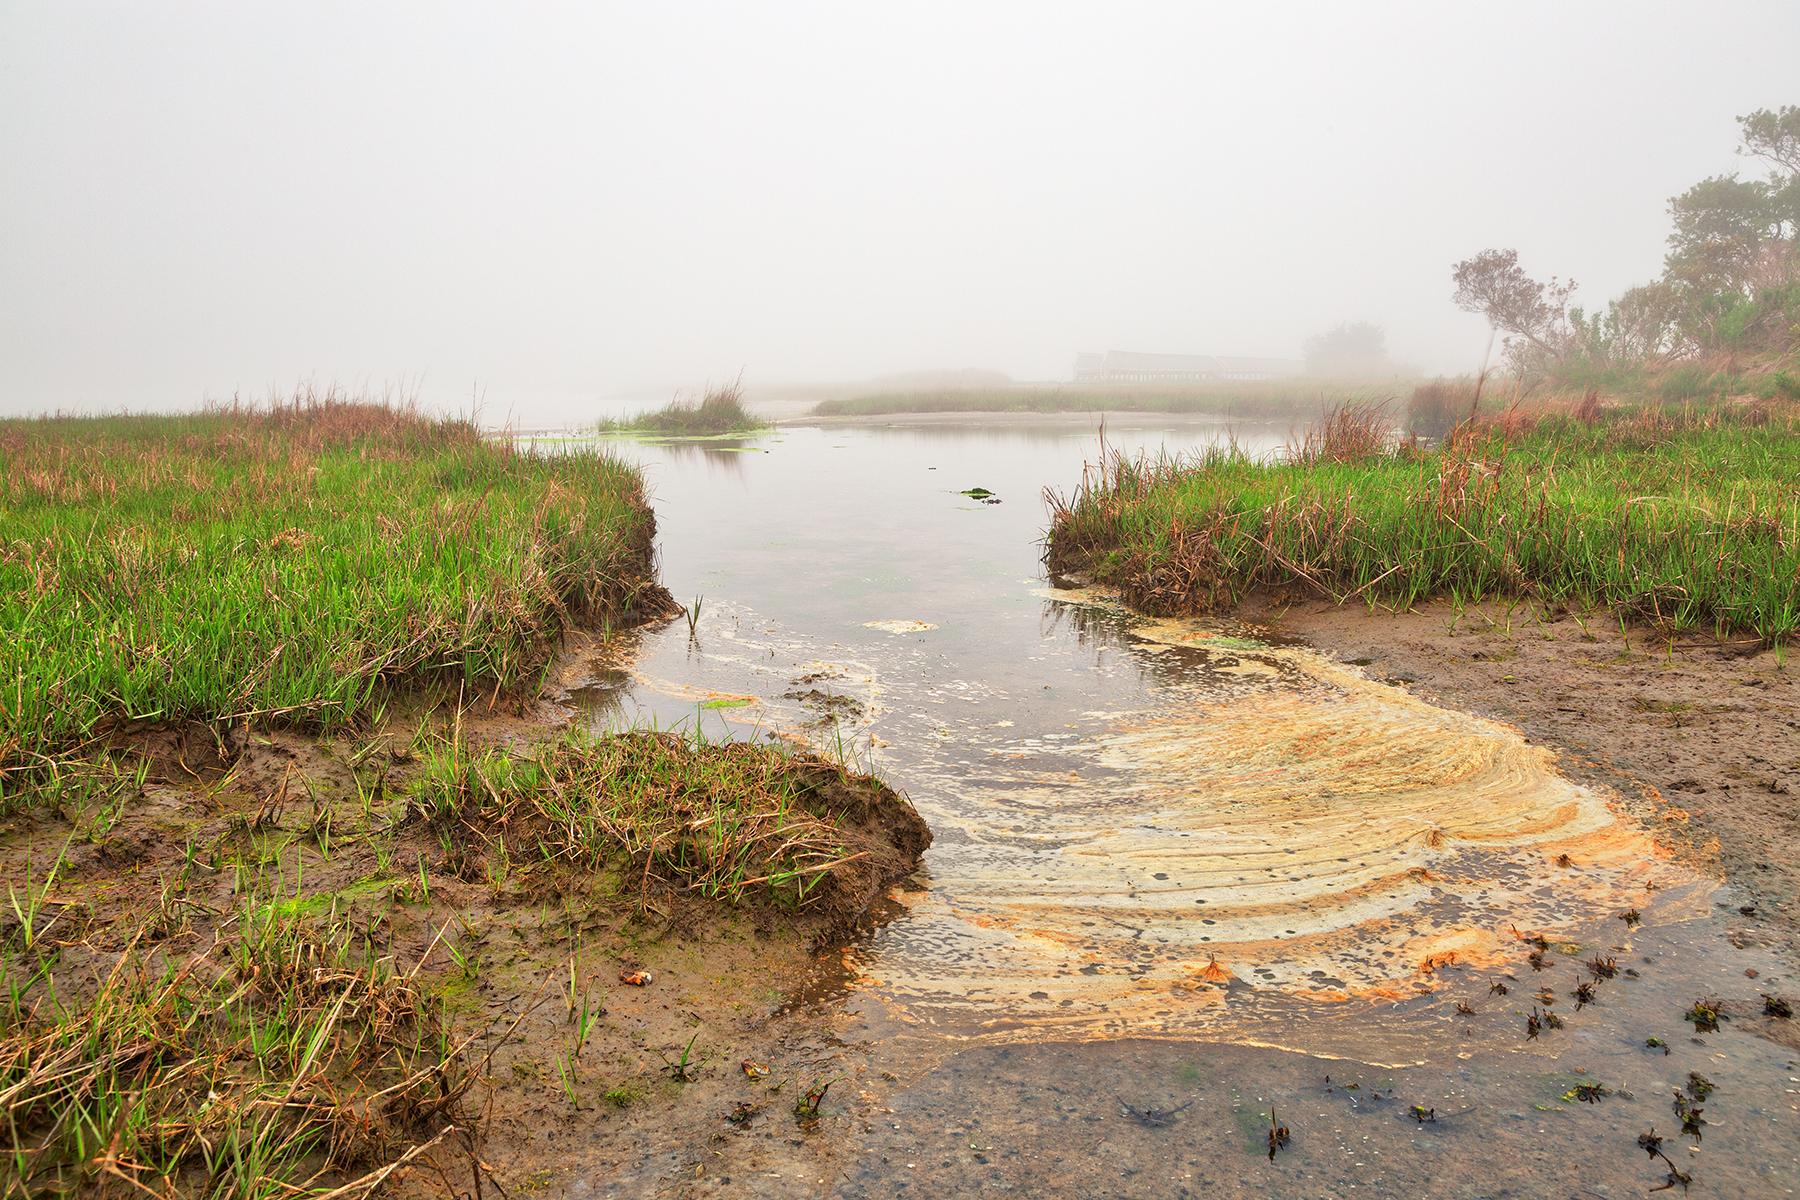 Misty foam marsh - hdr photo